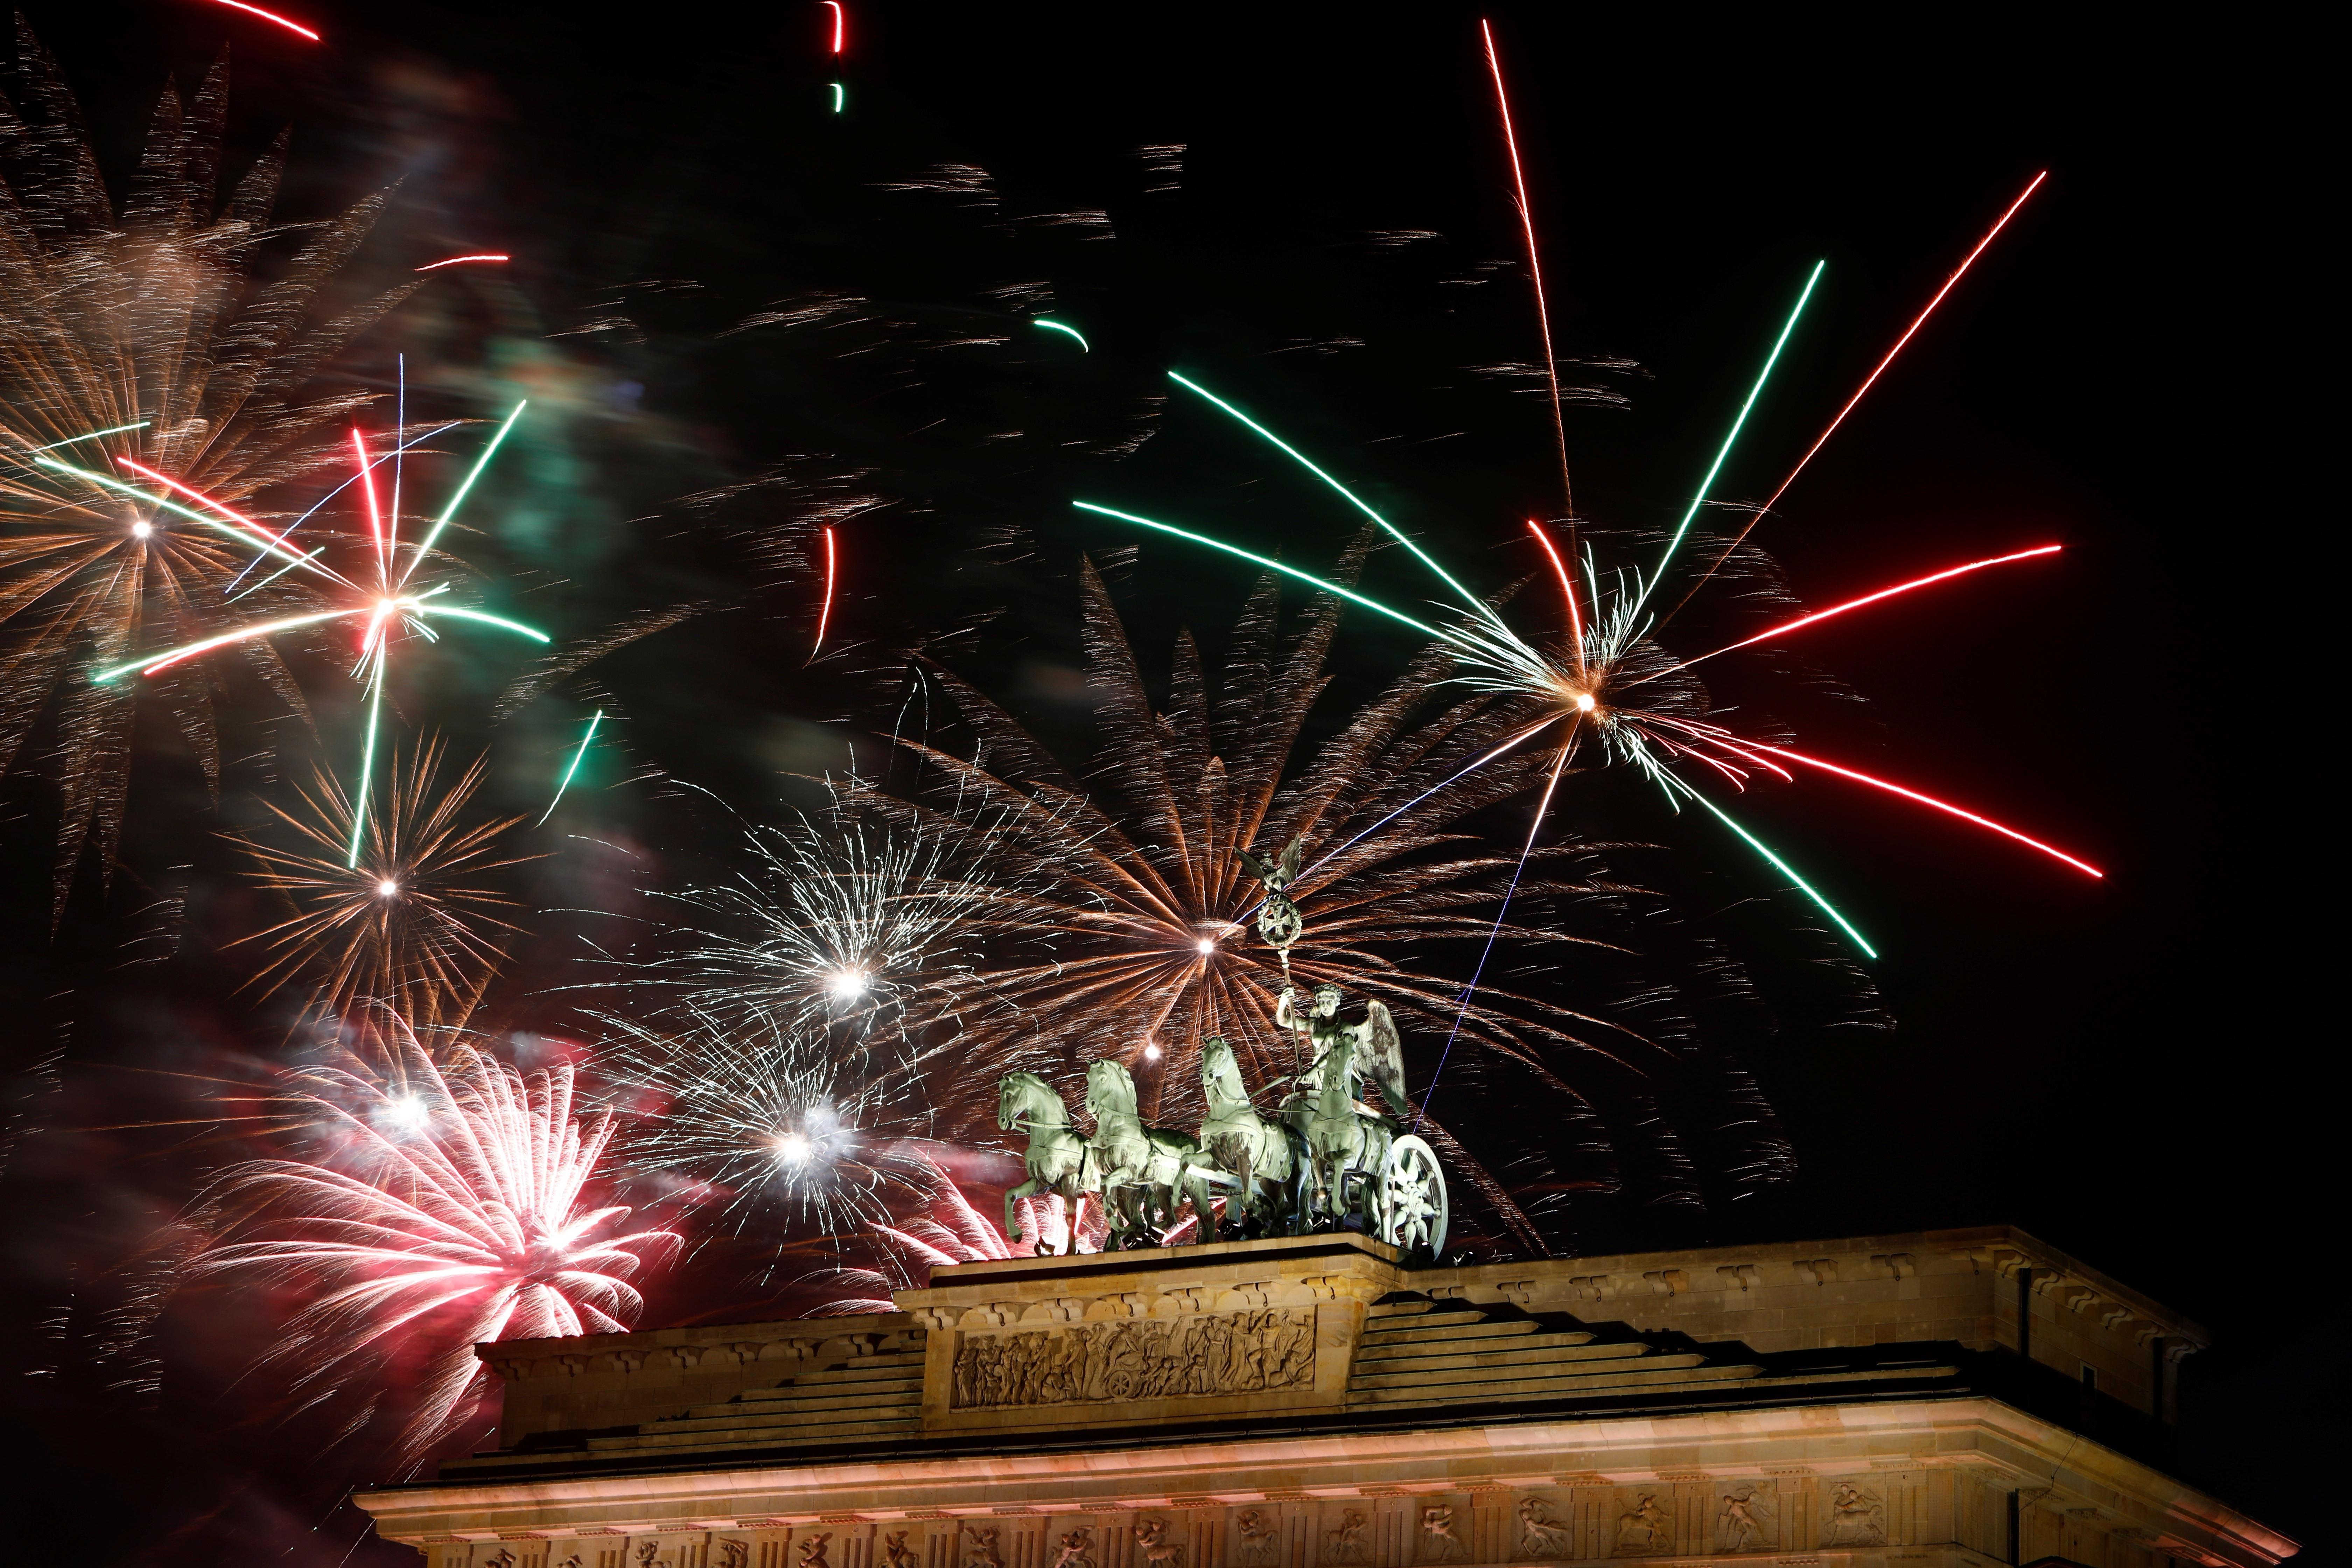 Mãn nhãn với bữa tiệc pháo hoa mừng năm mới 2020 trên khắp thế giới 4